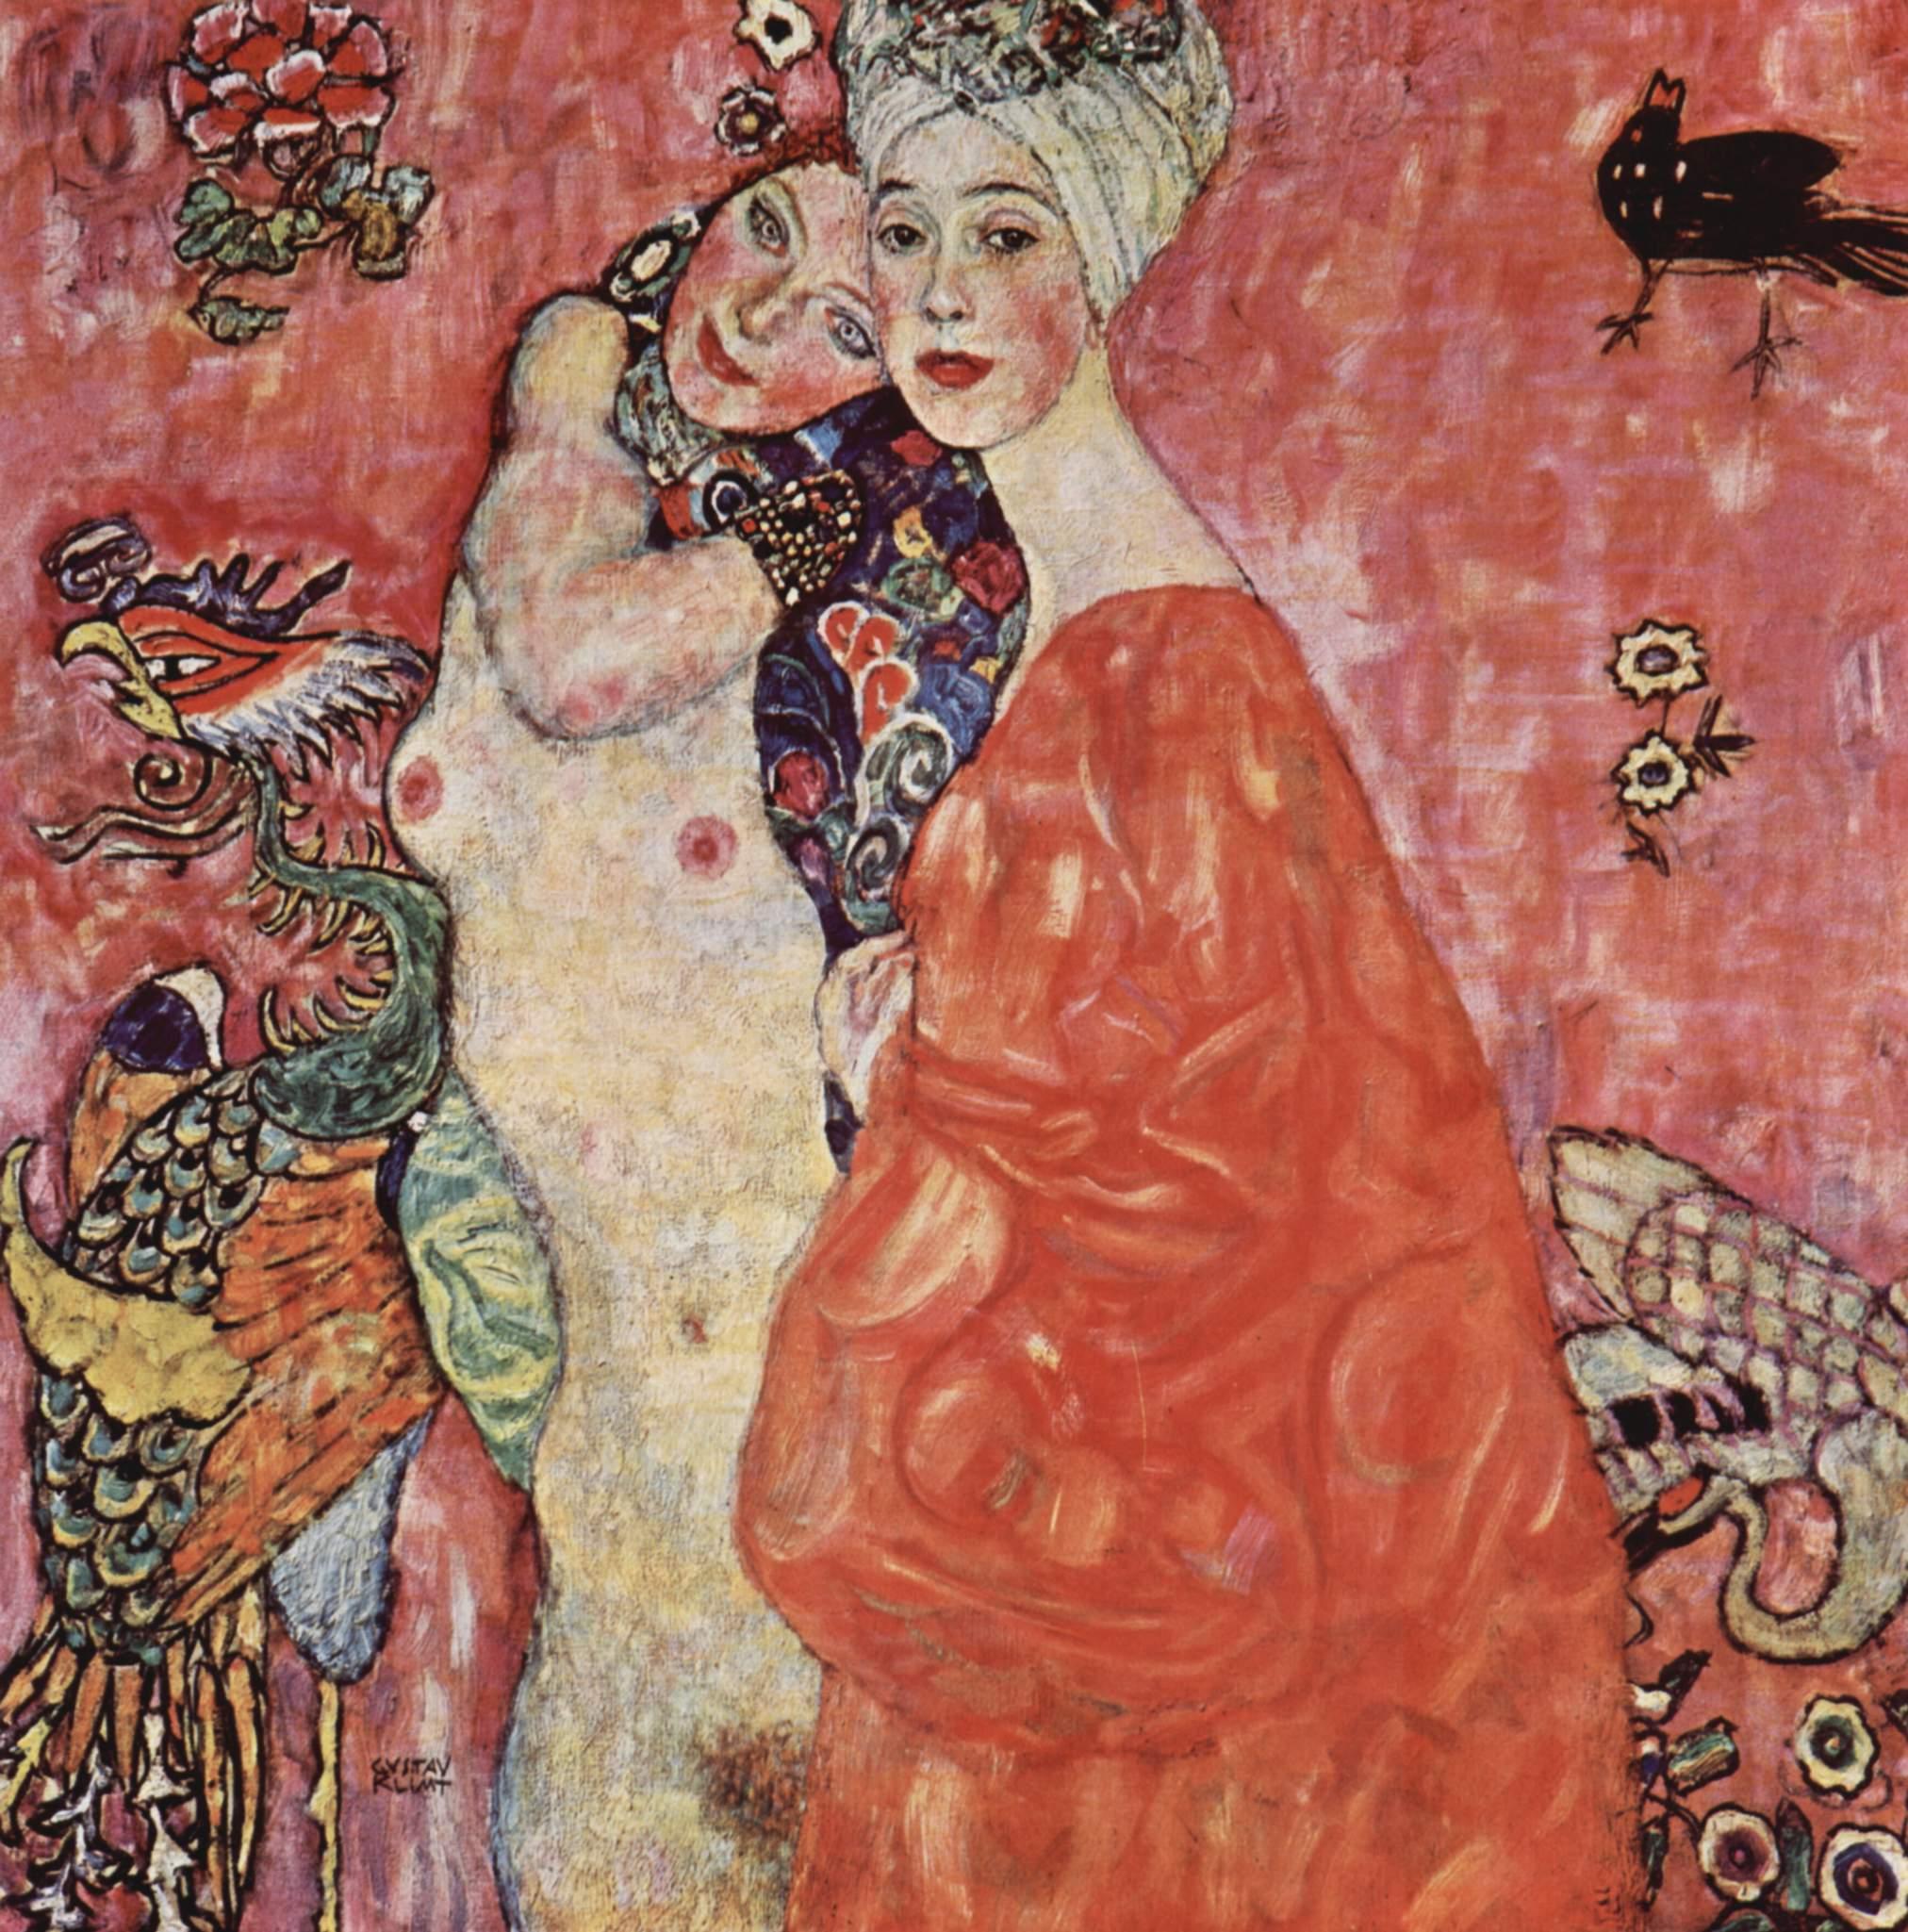 https://i1.wp.com/upload.wikimedia.org/wikipedia/commons/c/cd/Gustav_Klimt_021.jpg